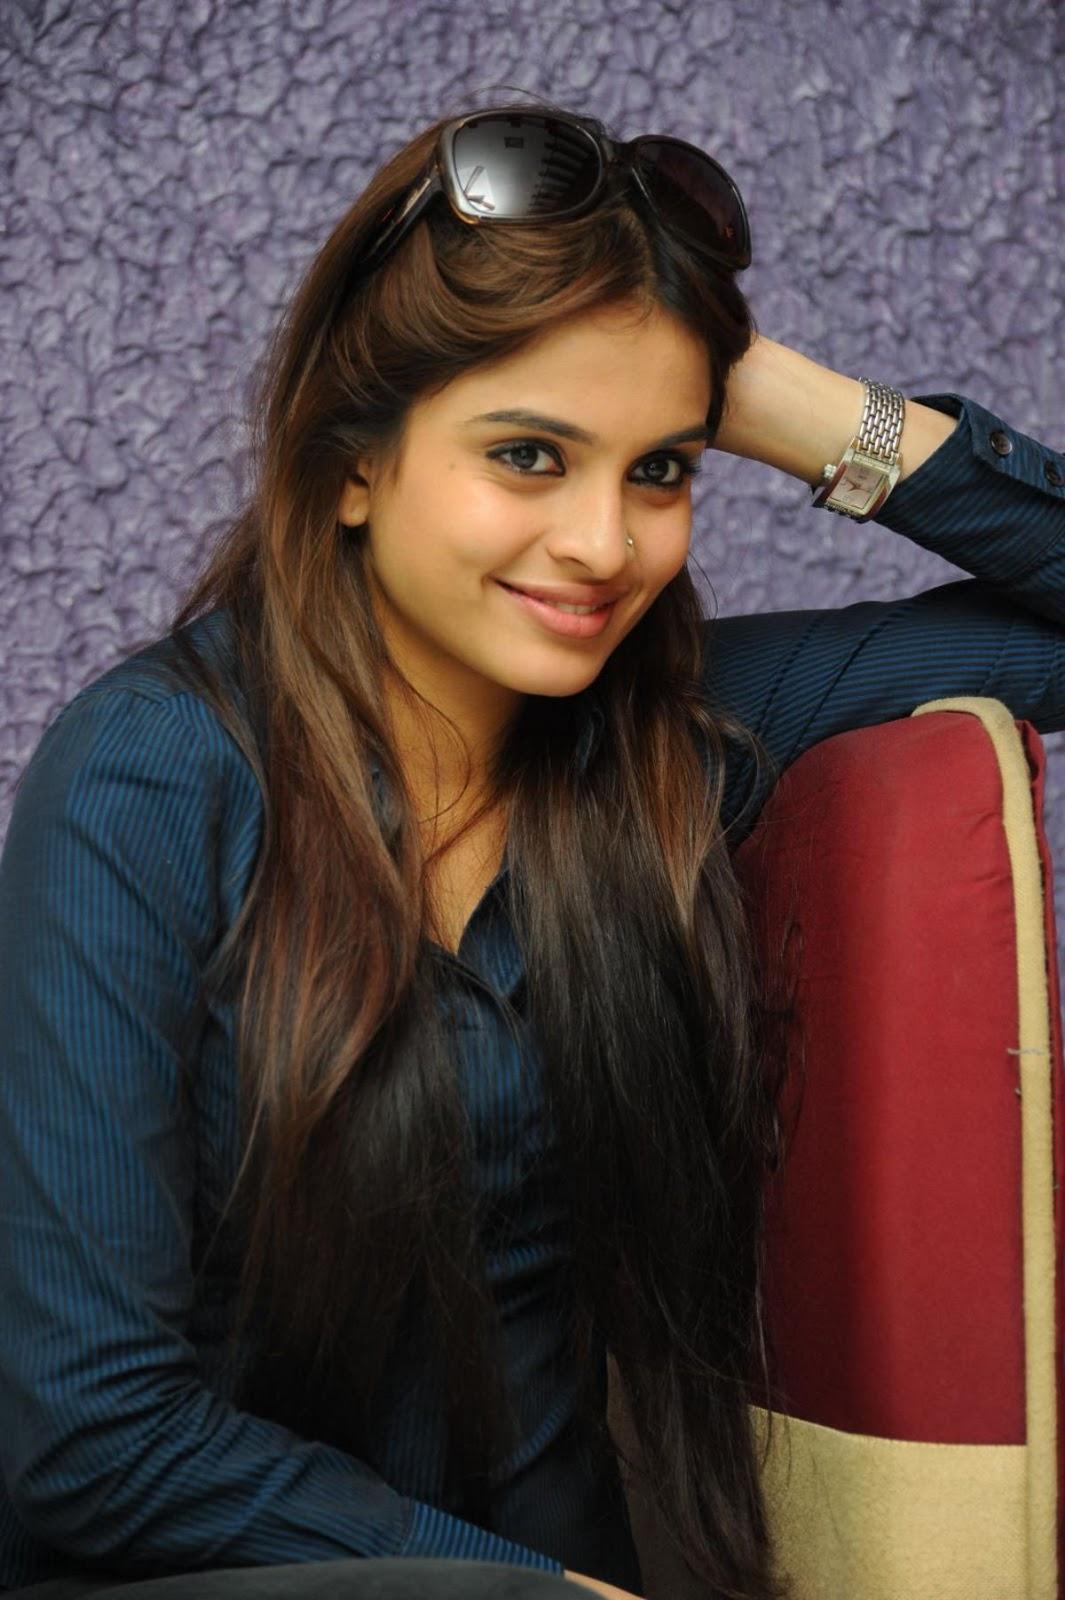 http://3.bp.blogspot.com/-A_c2u9dkdMo/TygrujGFRuI/AAAAAAAACWg/MjMTGPAg6_k/s1600/Sheena+Shahabadhi+cute+hot+images+(4).jpg